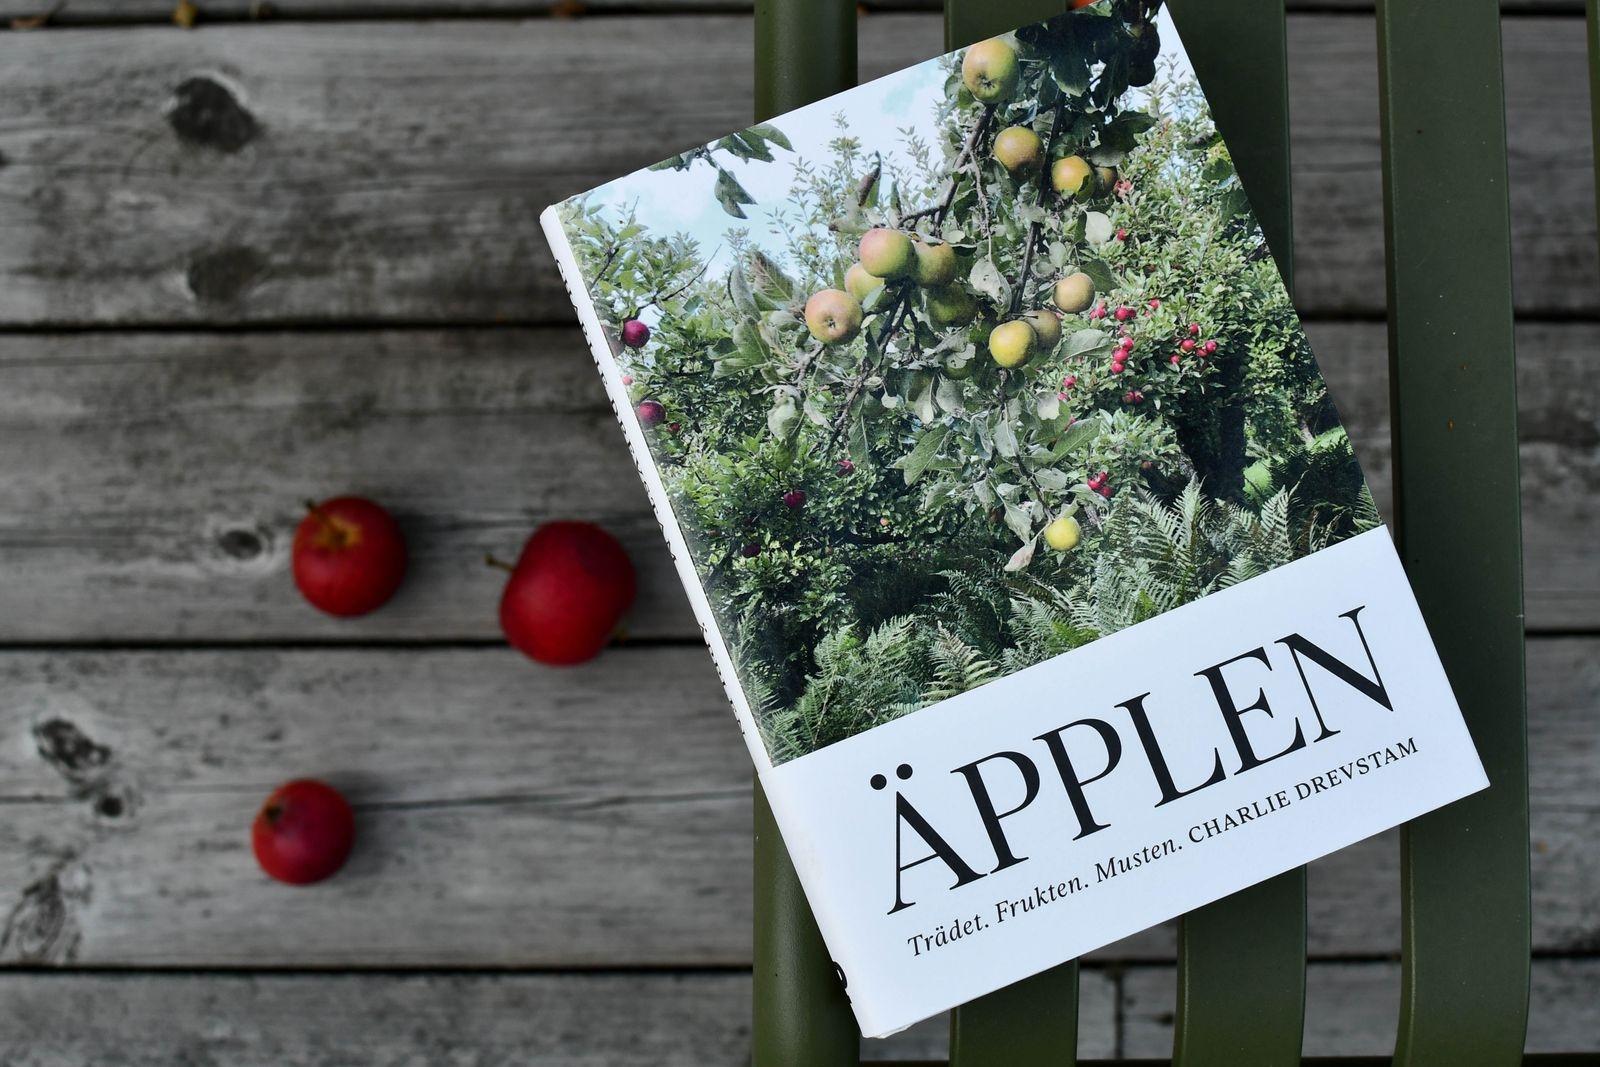 Som fotograf inledde Charlie arbetet med boken med ett redan stort bildarkiv, texten började han jobba med 2019 och i augusti i år gavs Äpplen - Trädet. Frukten. Musten. ut.